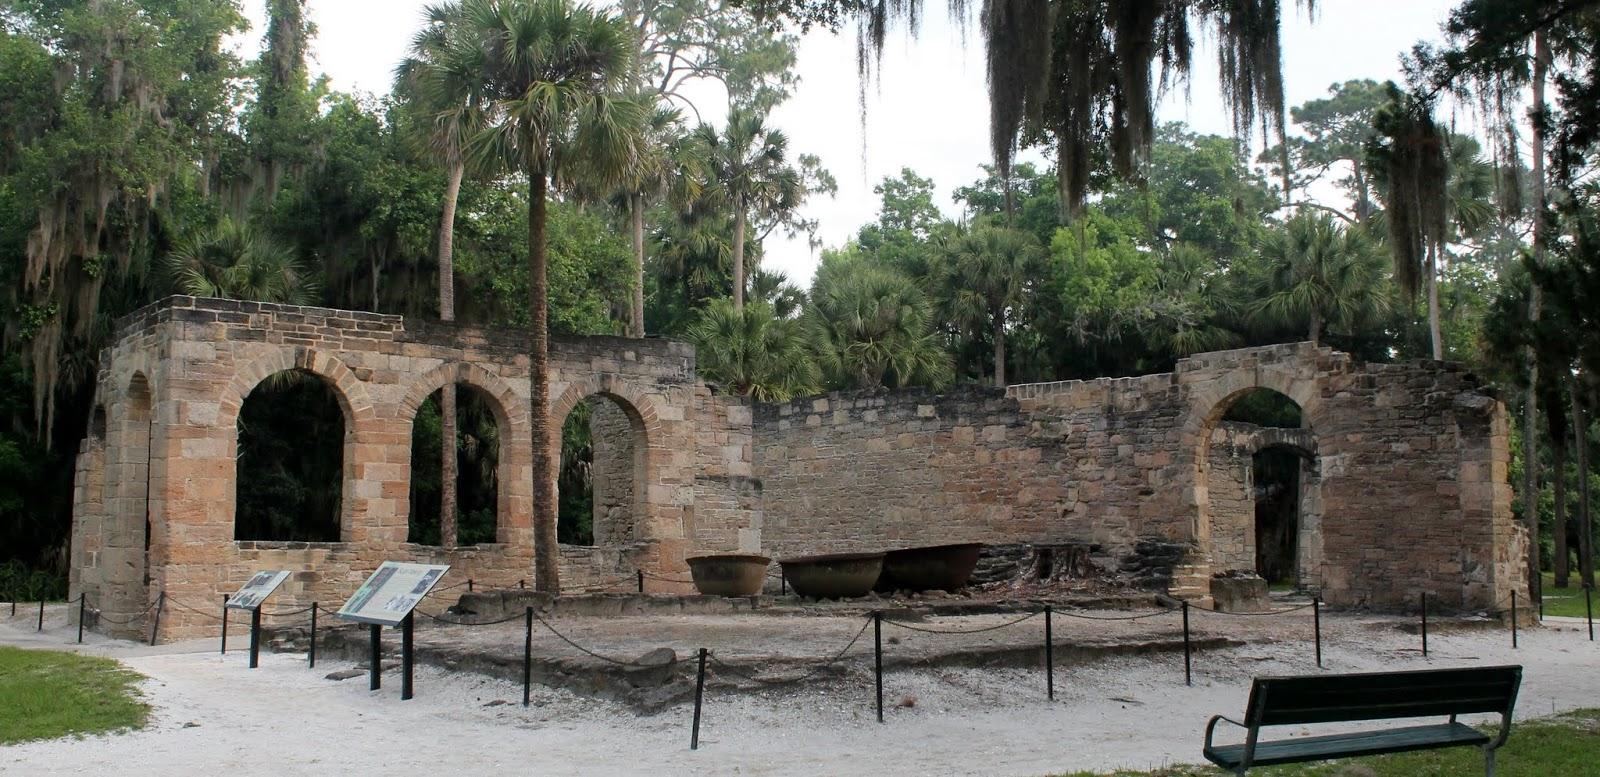 Ruinas del ingenio azucarero Cruger DePeyster en Nueva Smyrna